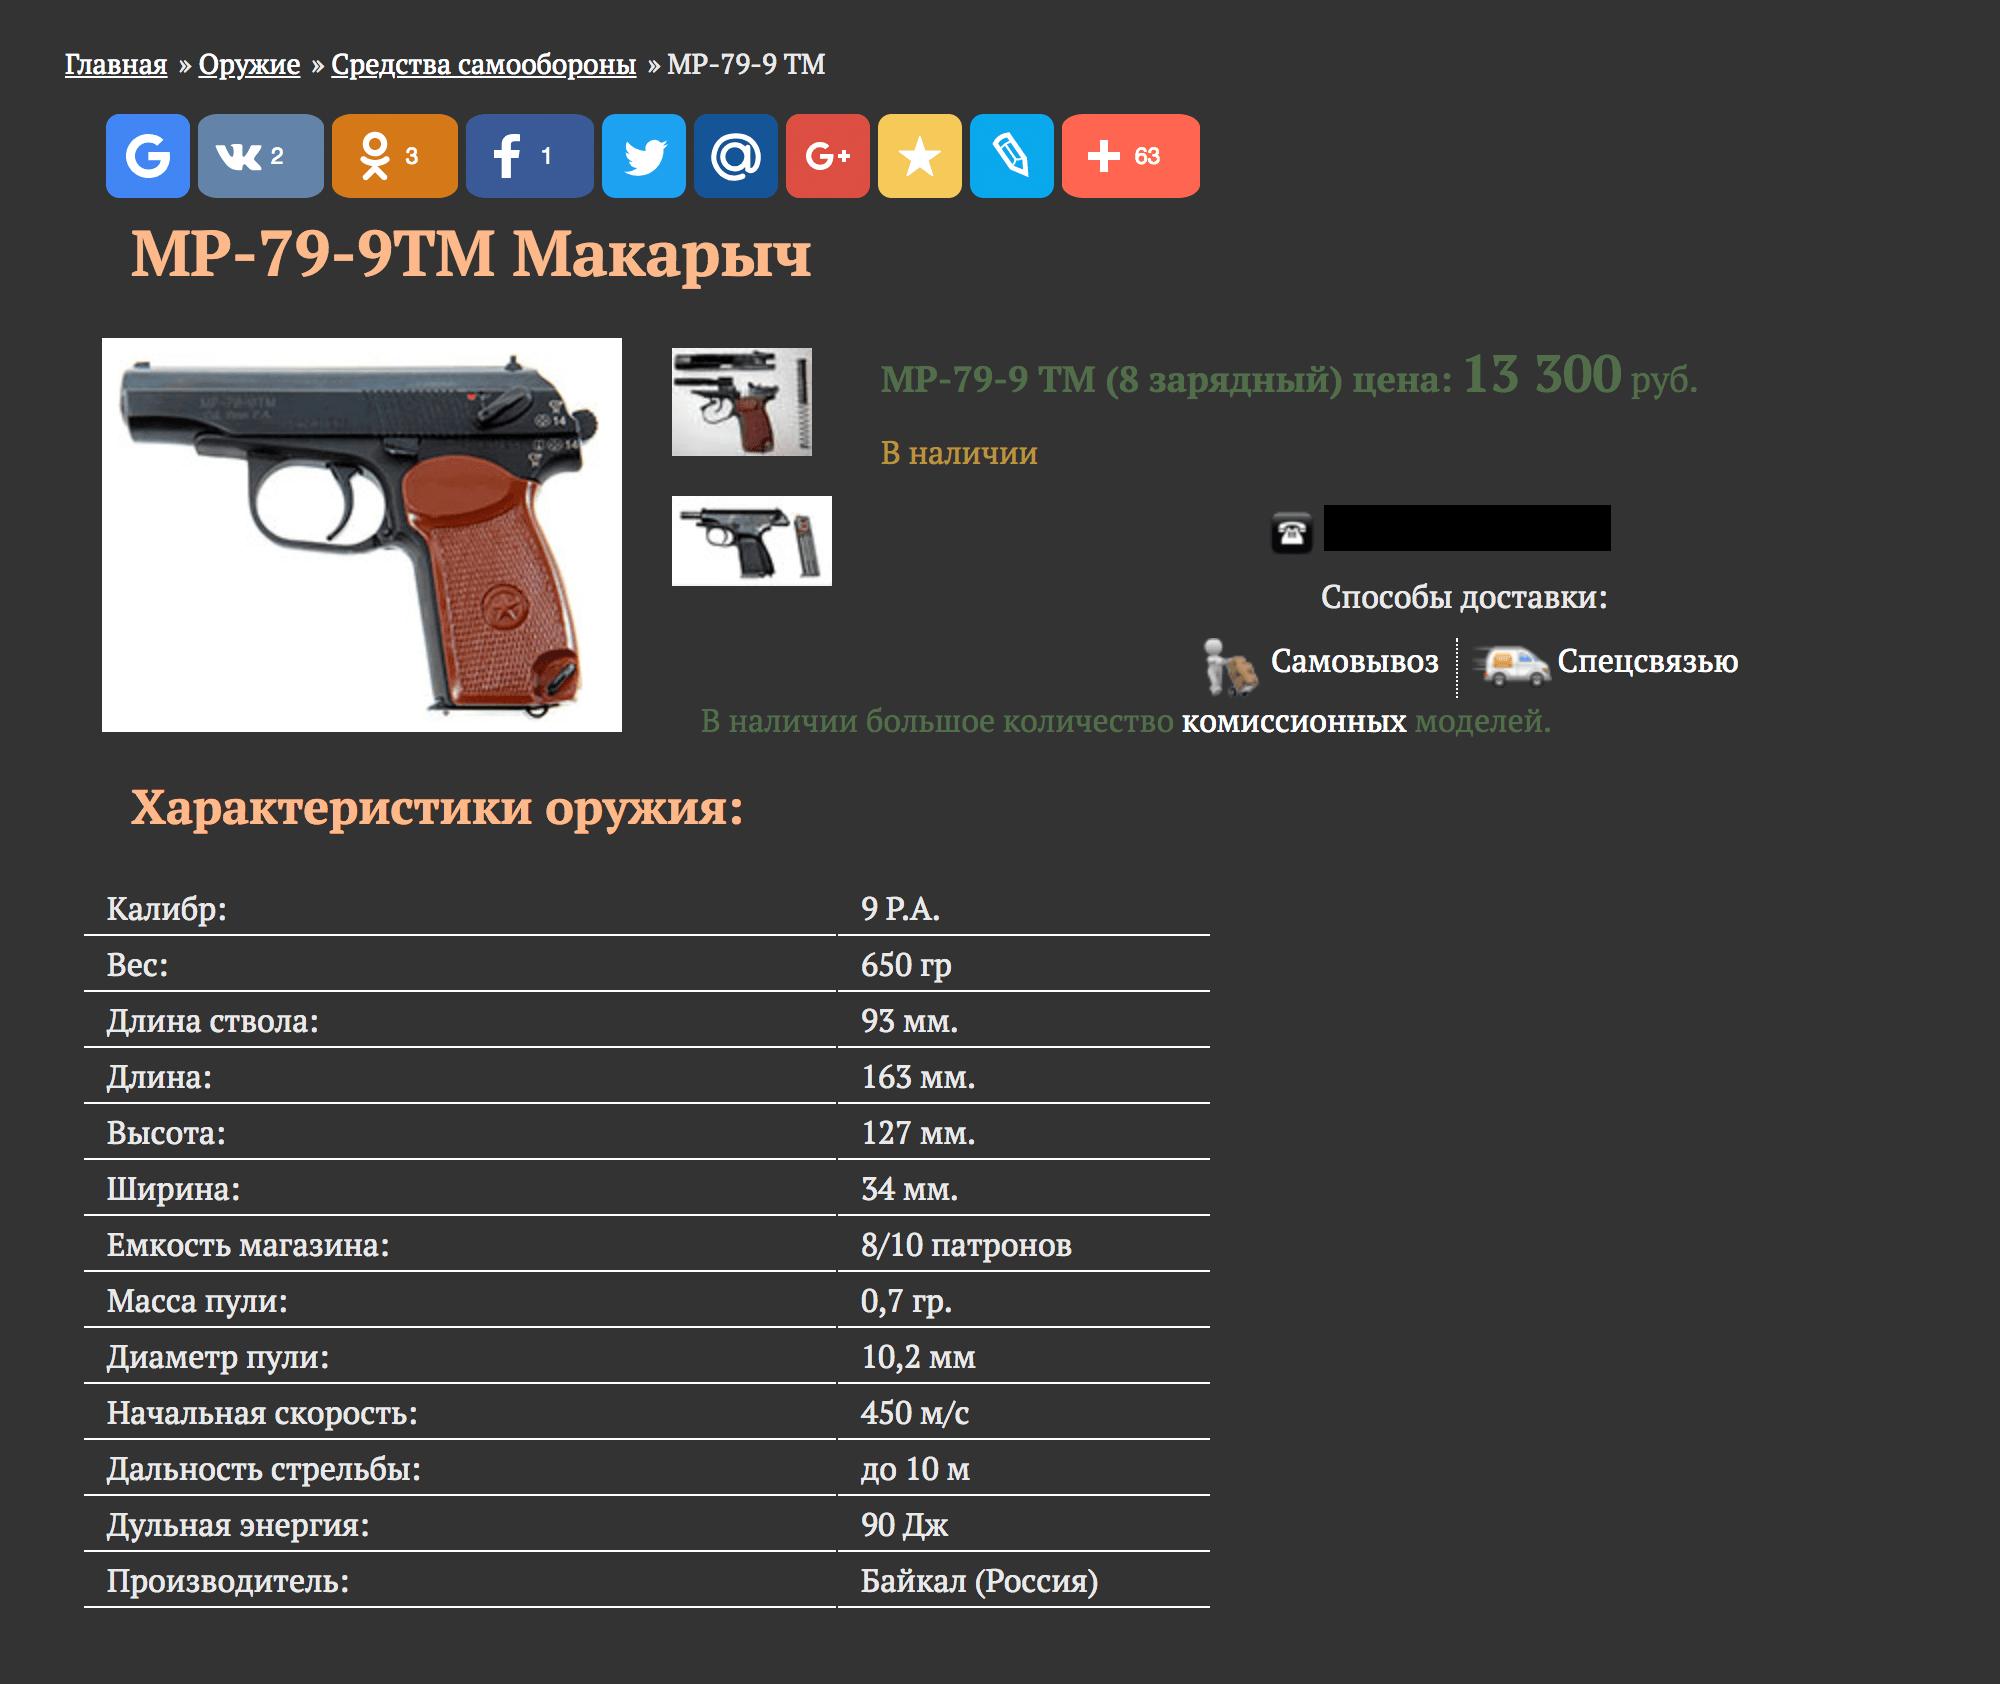 Мой пистолет в интернет-магазине стоит 13 300 р.